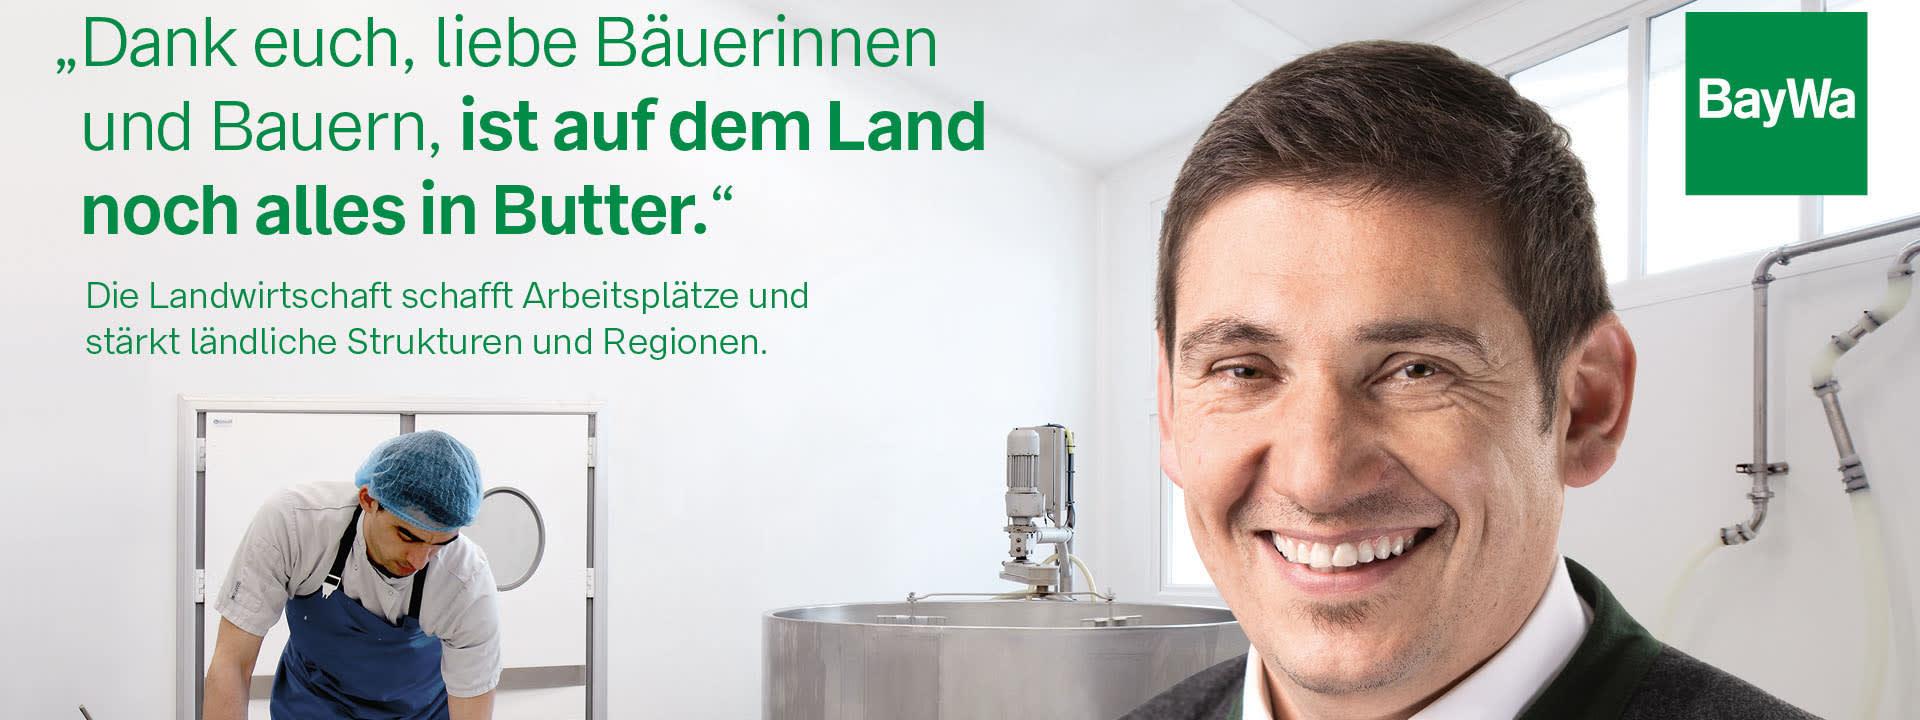 Johann sagt DANKE: Die Landwirtschaft übernimmt Verantwortung in der Gesellschaft und versorgt diese mit frischen Lebensmitteln.